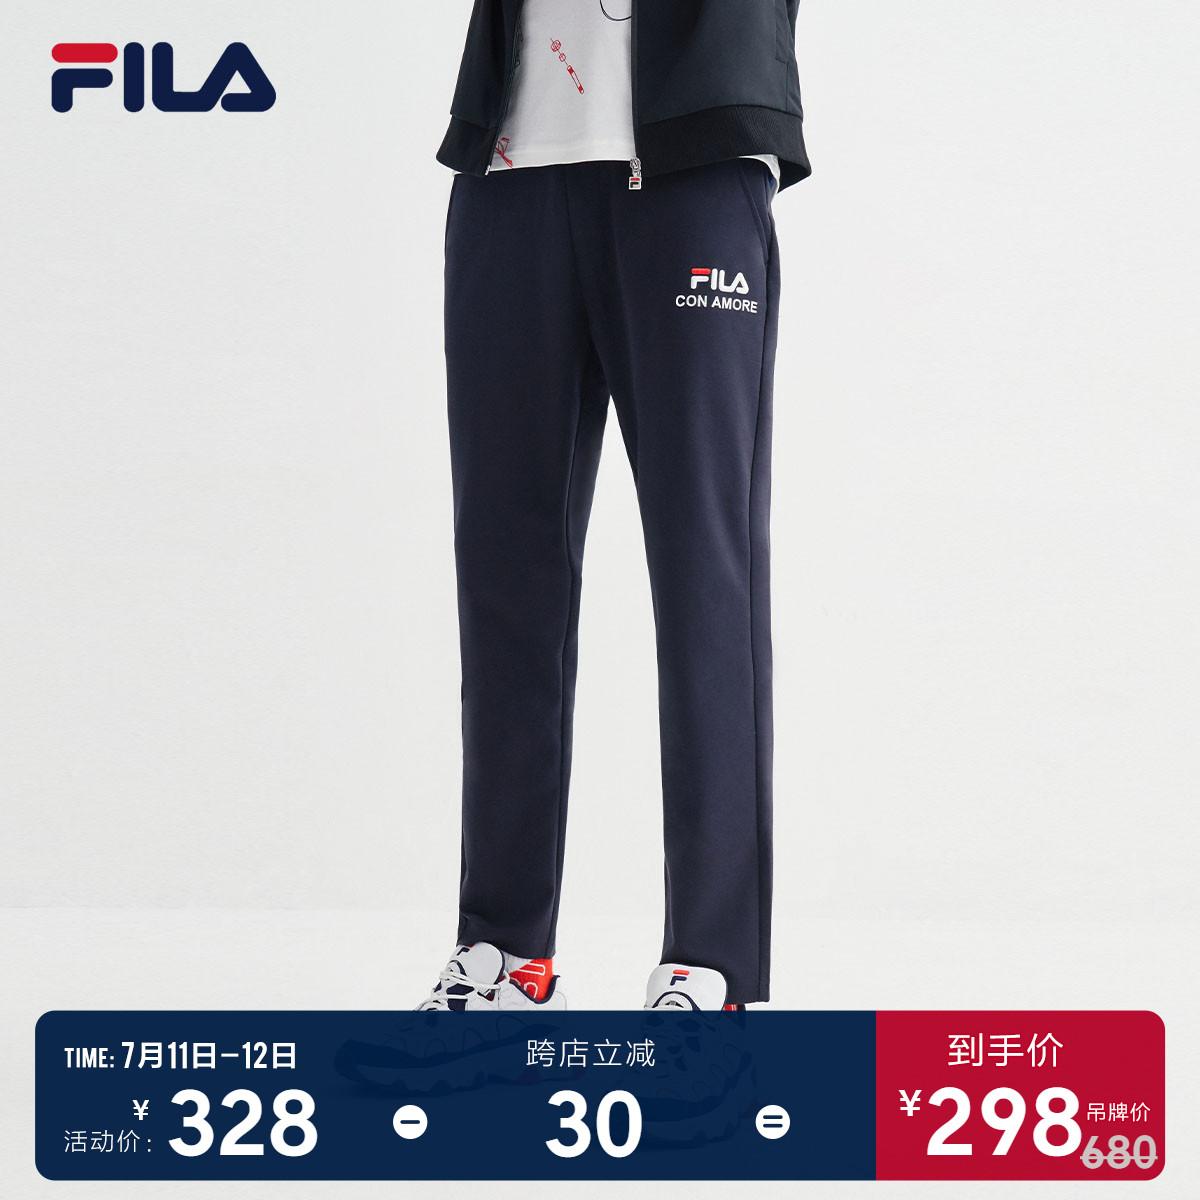 FILA斐乐官方男子针织长裤2020夏季新款休闲运动裤直筒裤宽松男裤